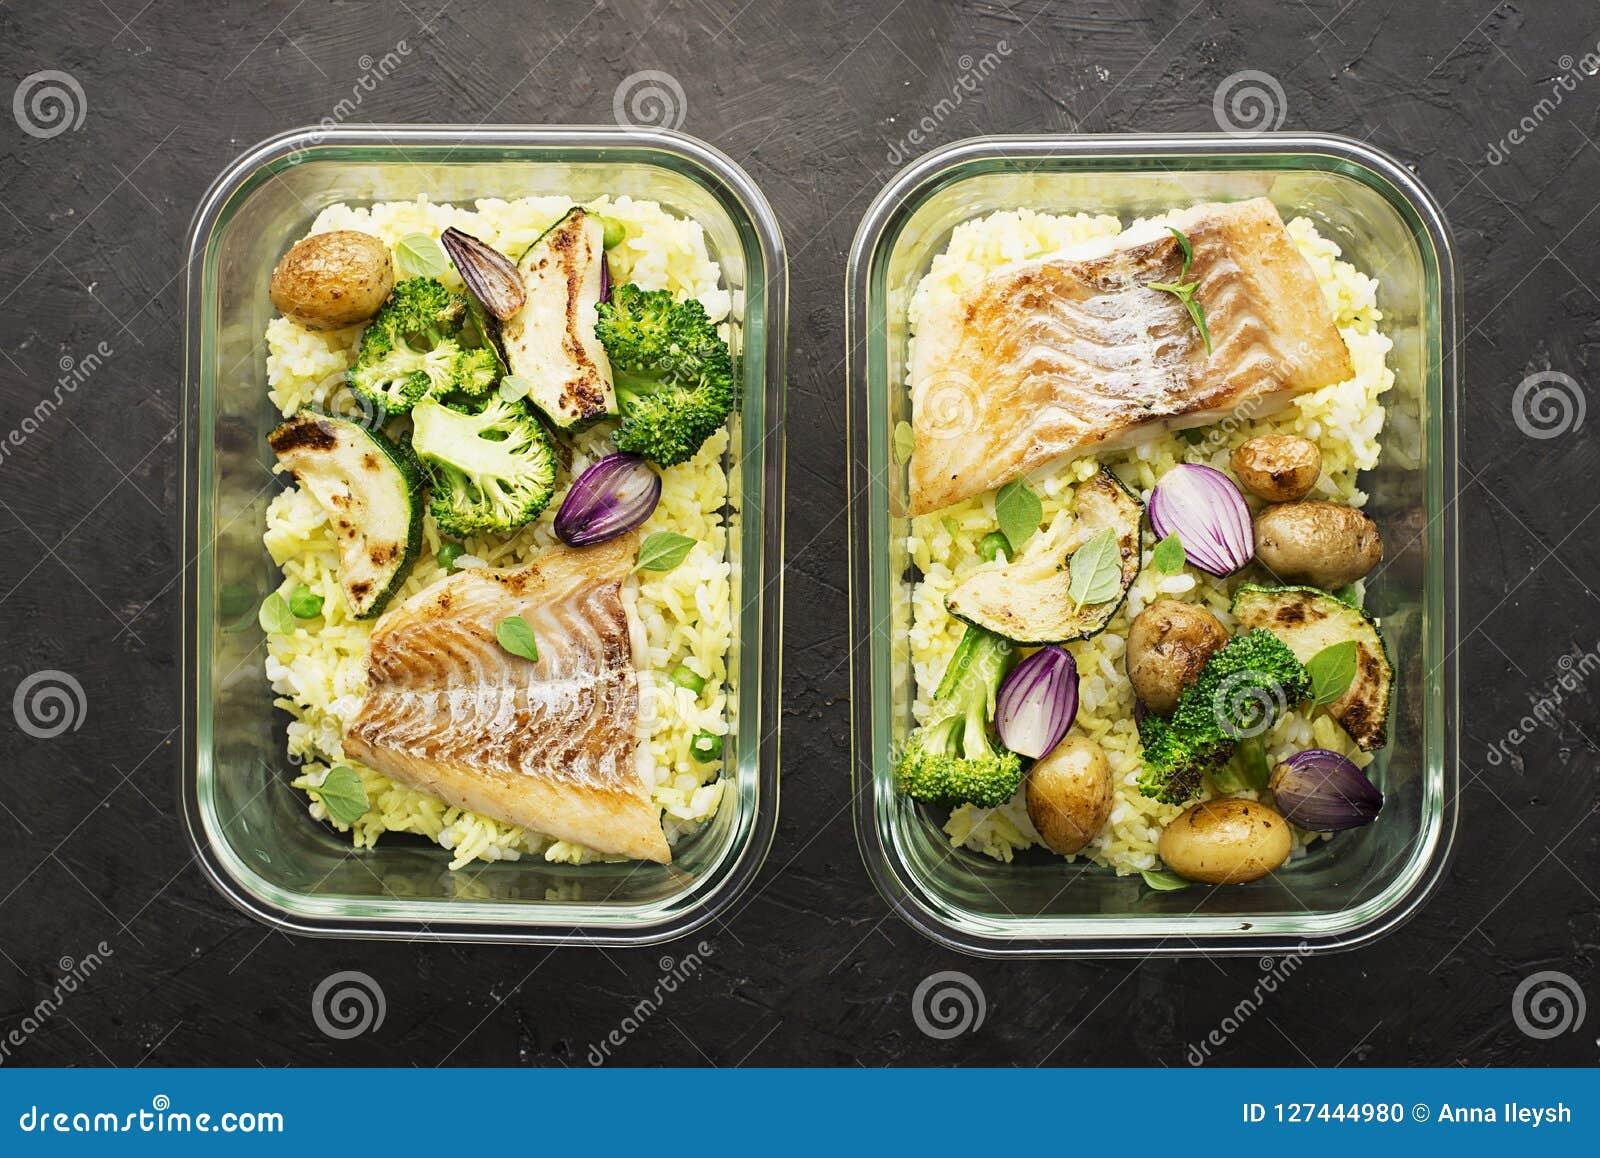 Eine gesunde Mahlzeit für einen Snack ist eine Brotdose Glasbehälter mit frischem Dampfseefisch, Reis mit der Gelbwurz, frisch